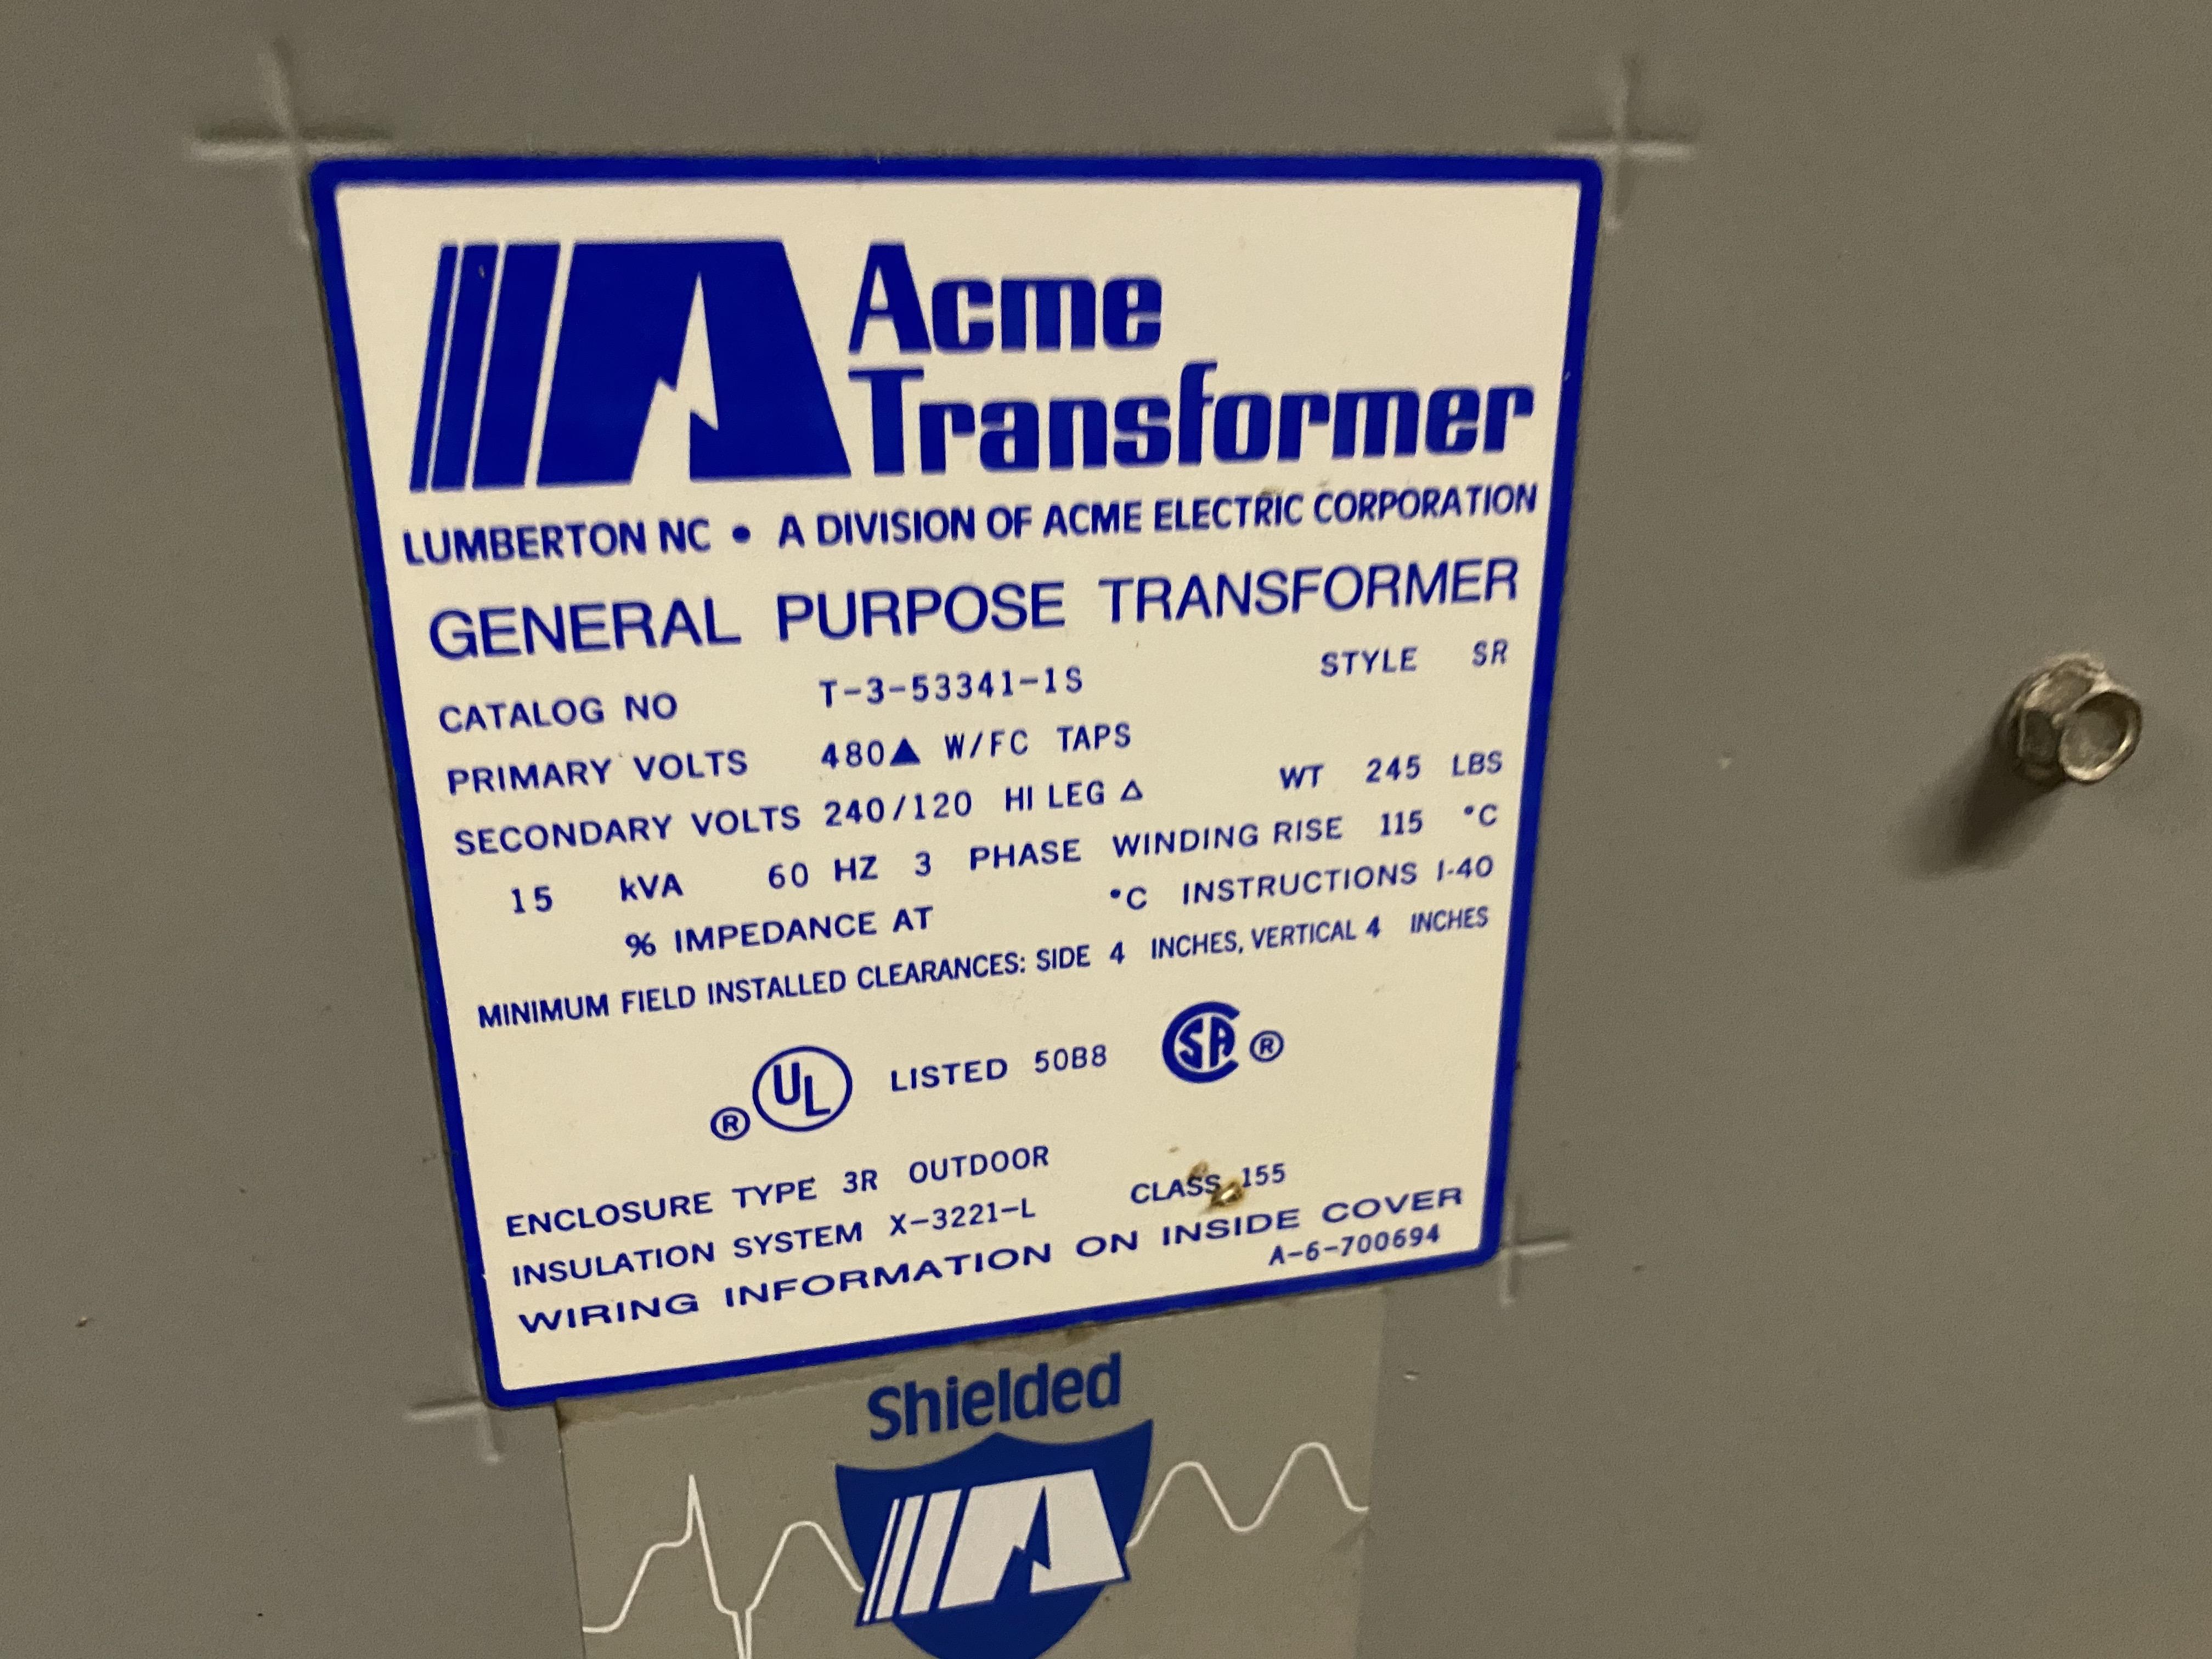 ACME T-3-53341-1S, 15 KVA, 3Ø, 480 X 240/120 VOLT, TRANSFORMER- (NS) T1600 - Image 2 of 2